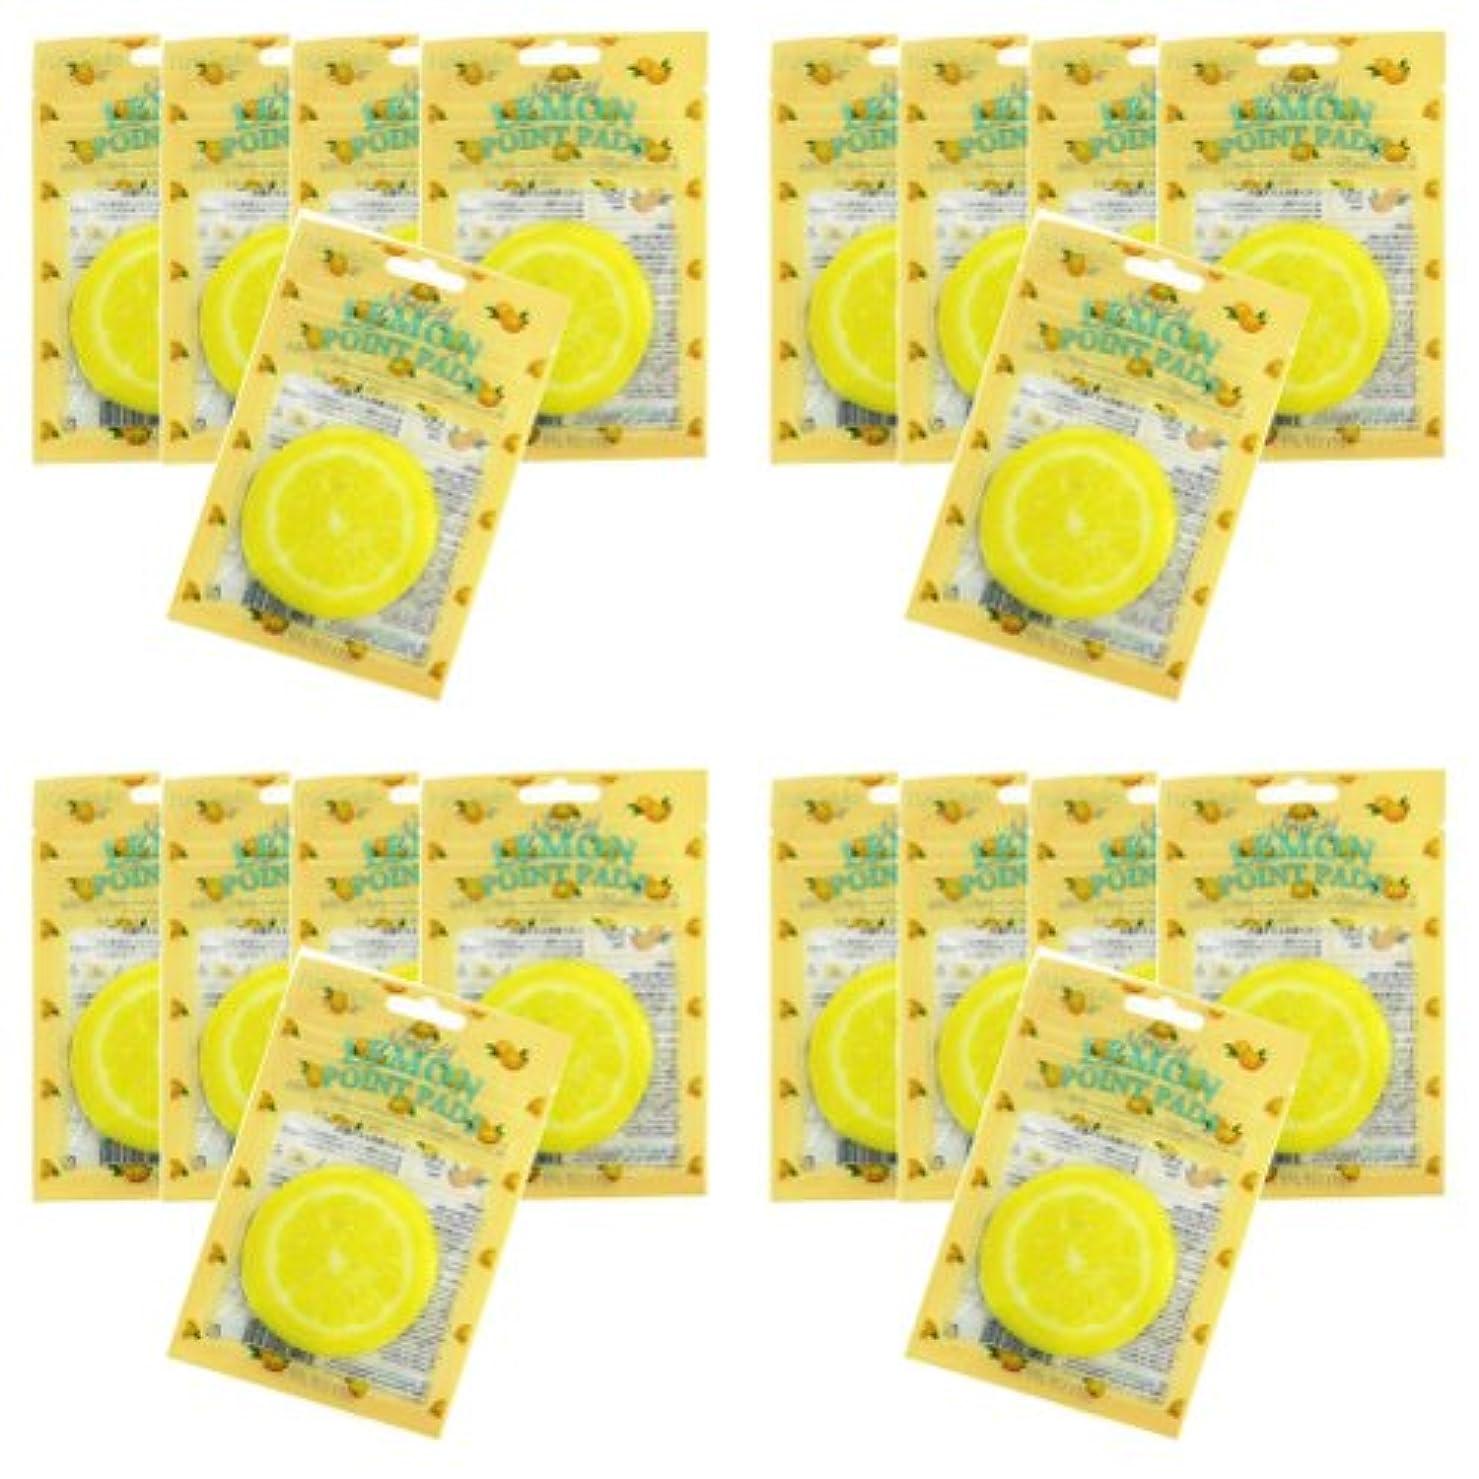 ことわざスモッグ王室ピュアスマイル ジューシーポイントパッド レモン20パックセット(1パック10枚入 合計200枚)